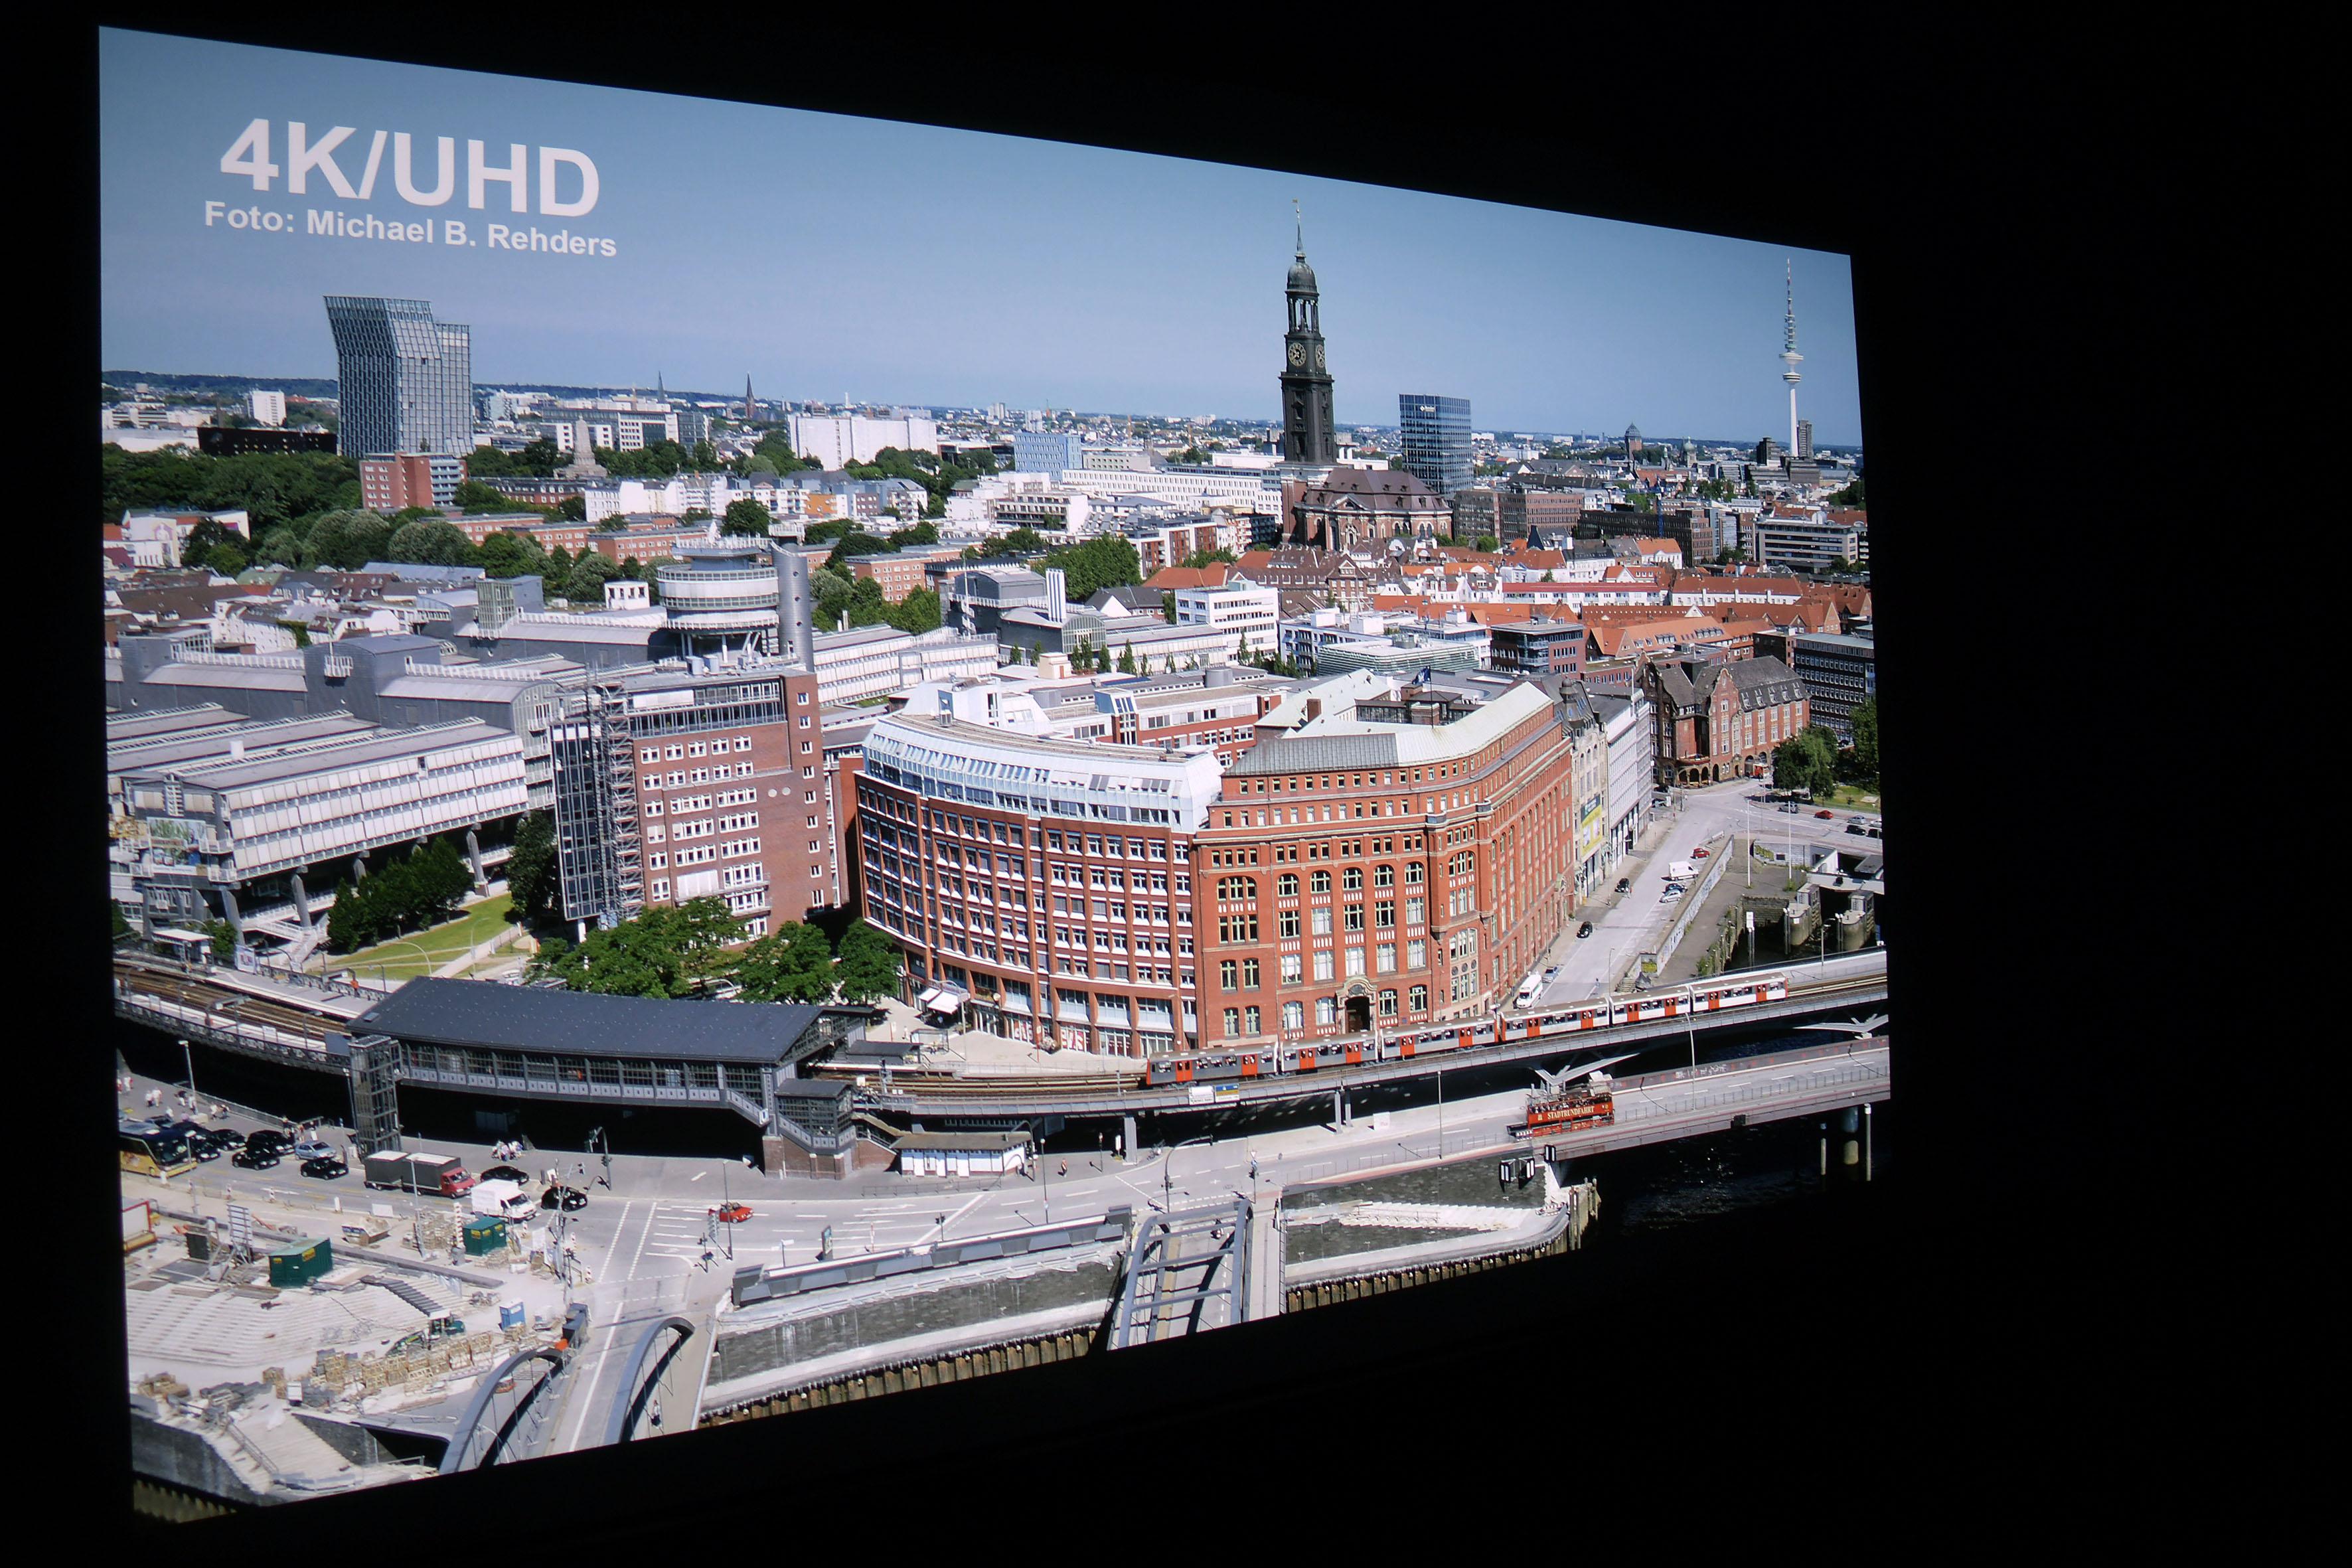 Foto: Michael B. Rehders (Originalaufnahme) Die Skyline von Hamburg habe ich aus der 21. Etage des Hanseatic Trade Centers geschossen. Die Aufnahme bietet zahllose Details, um Projektoren bewerten zu können.